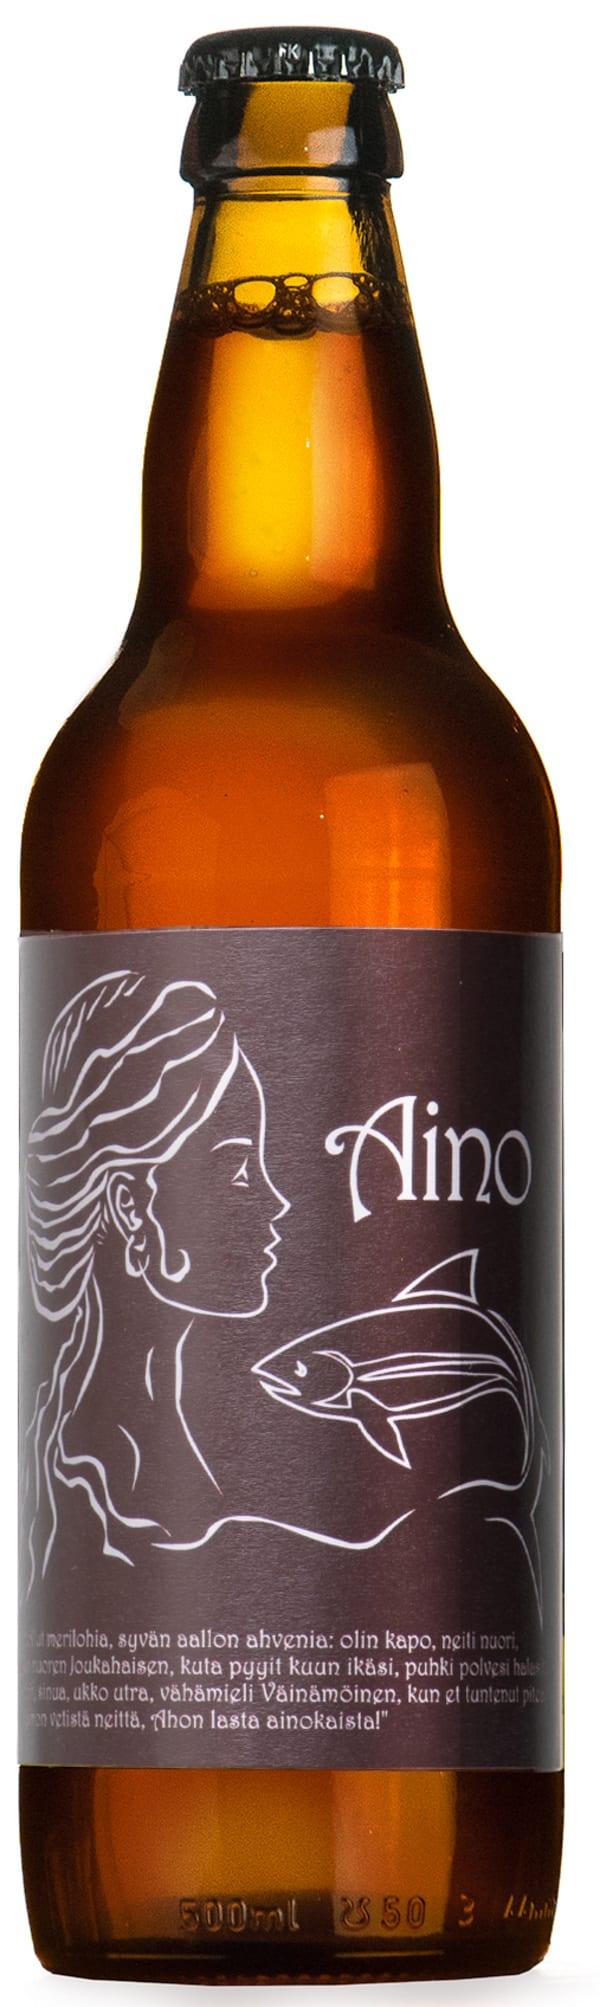 Ylikylä Aino Sparkling Ale